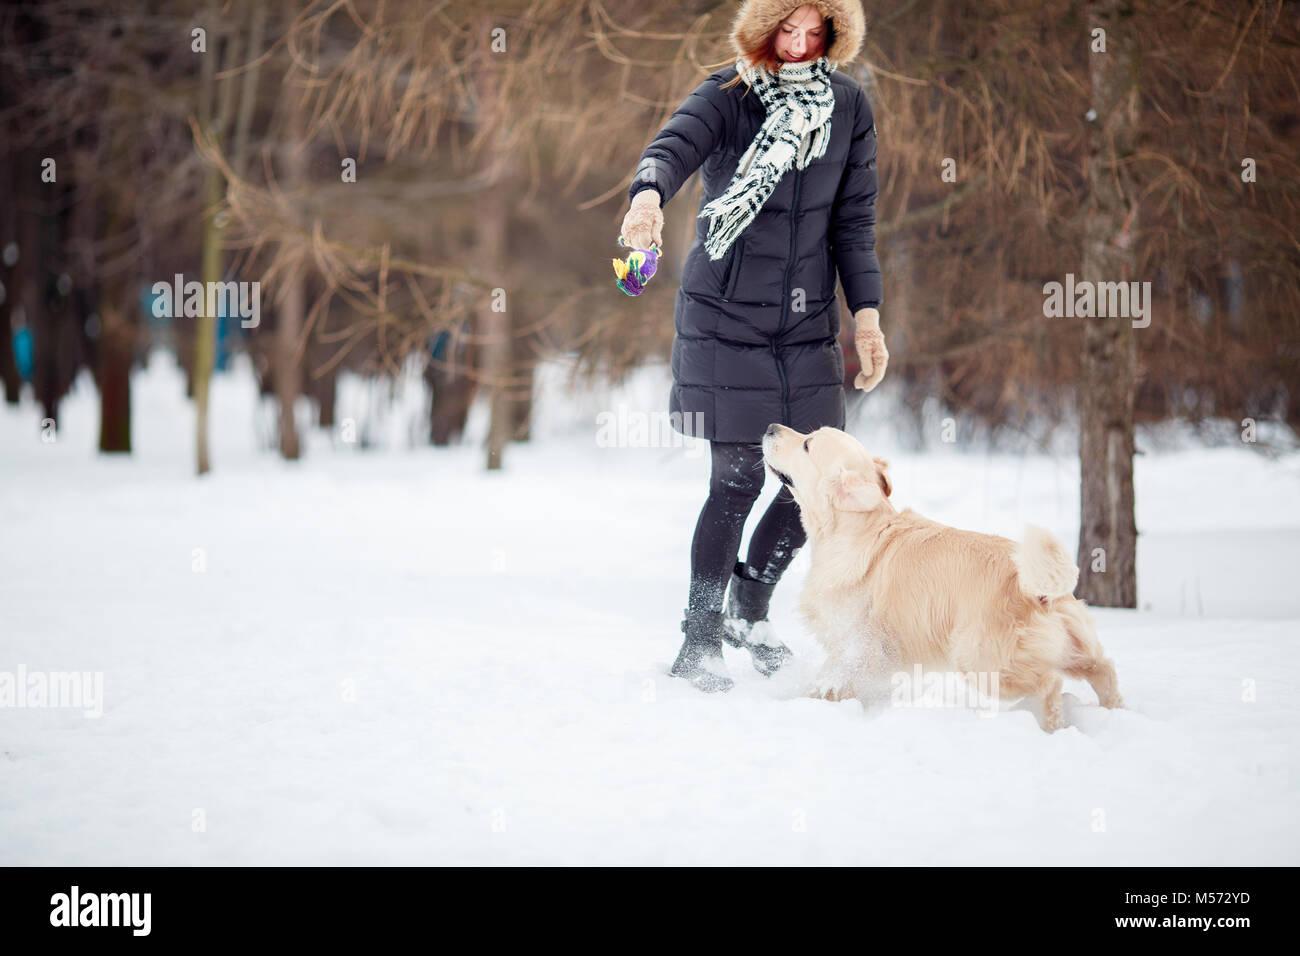 Imagen de mujer jugando con labrador en Parque Nevado Imagen De Stock